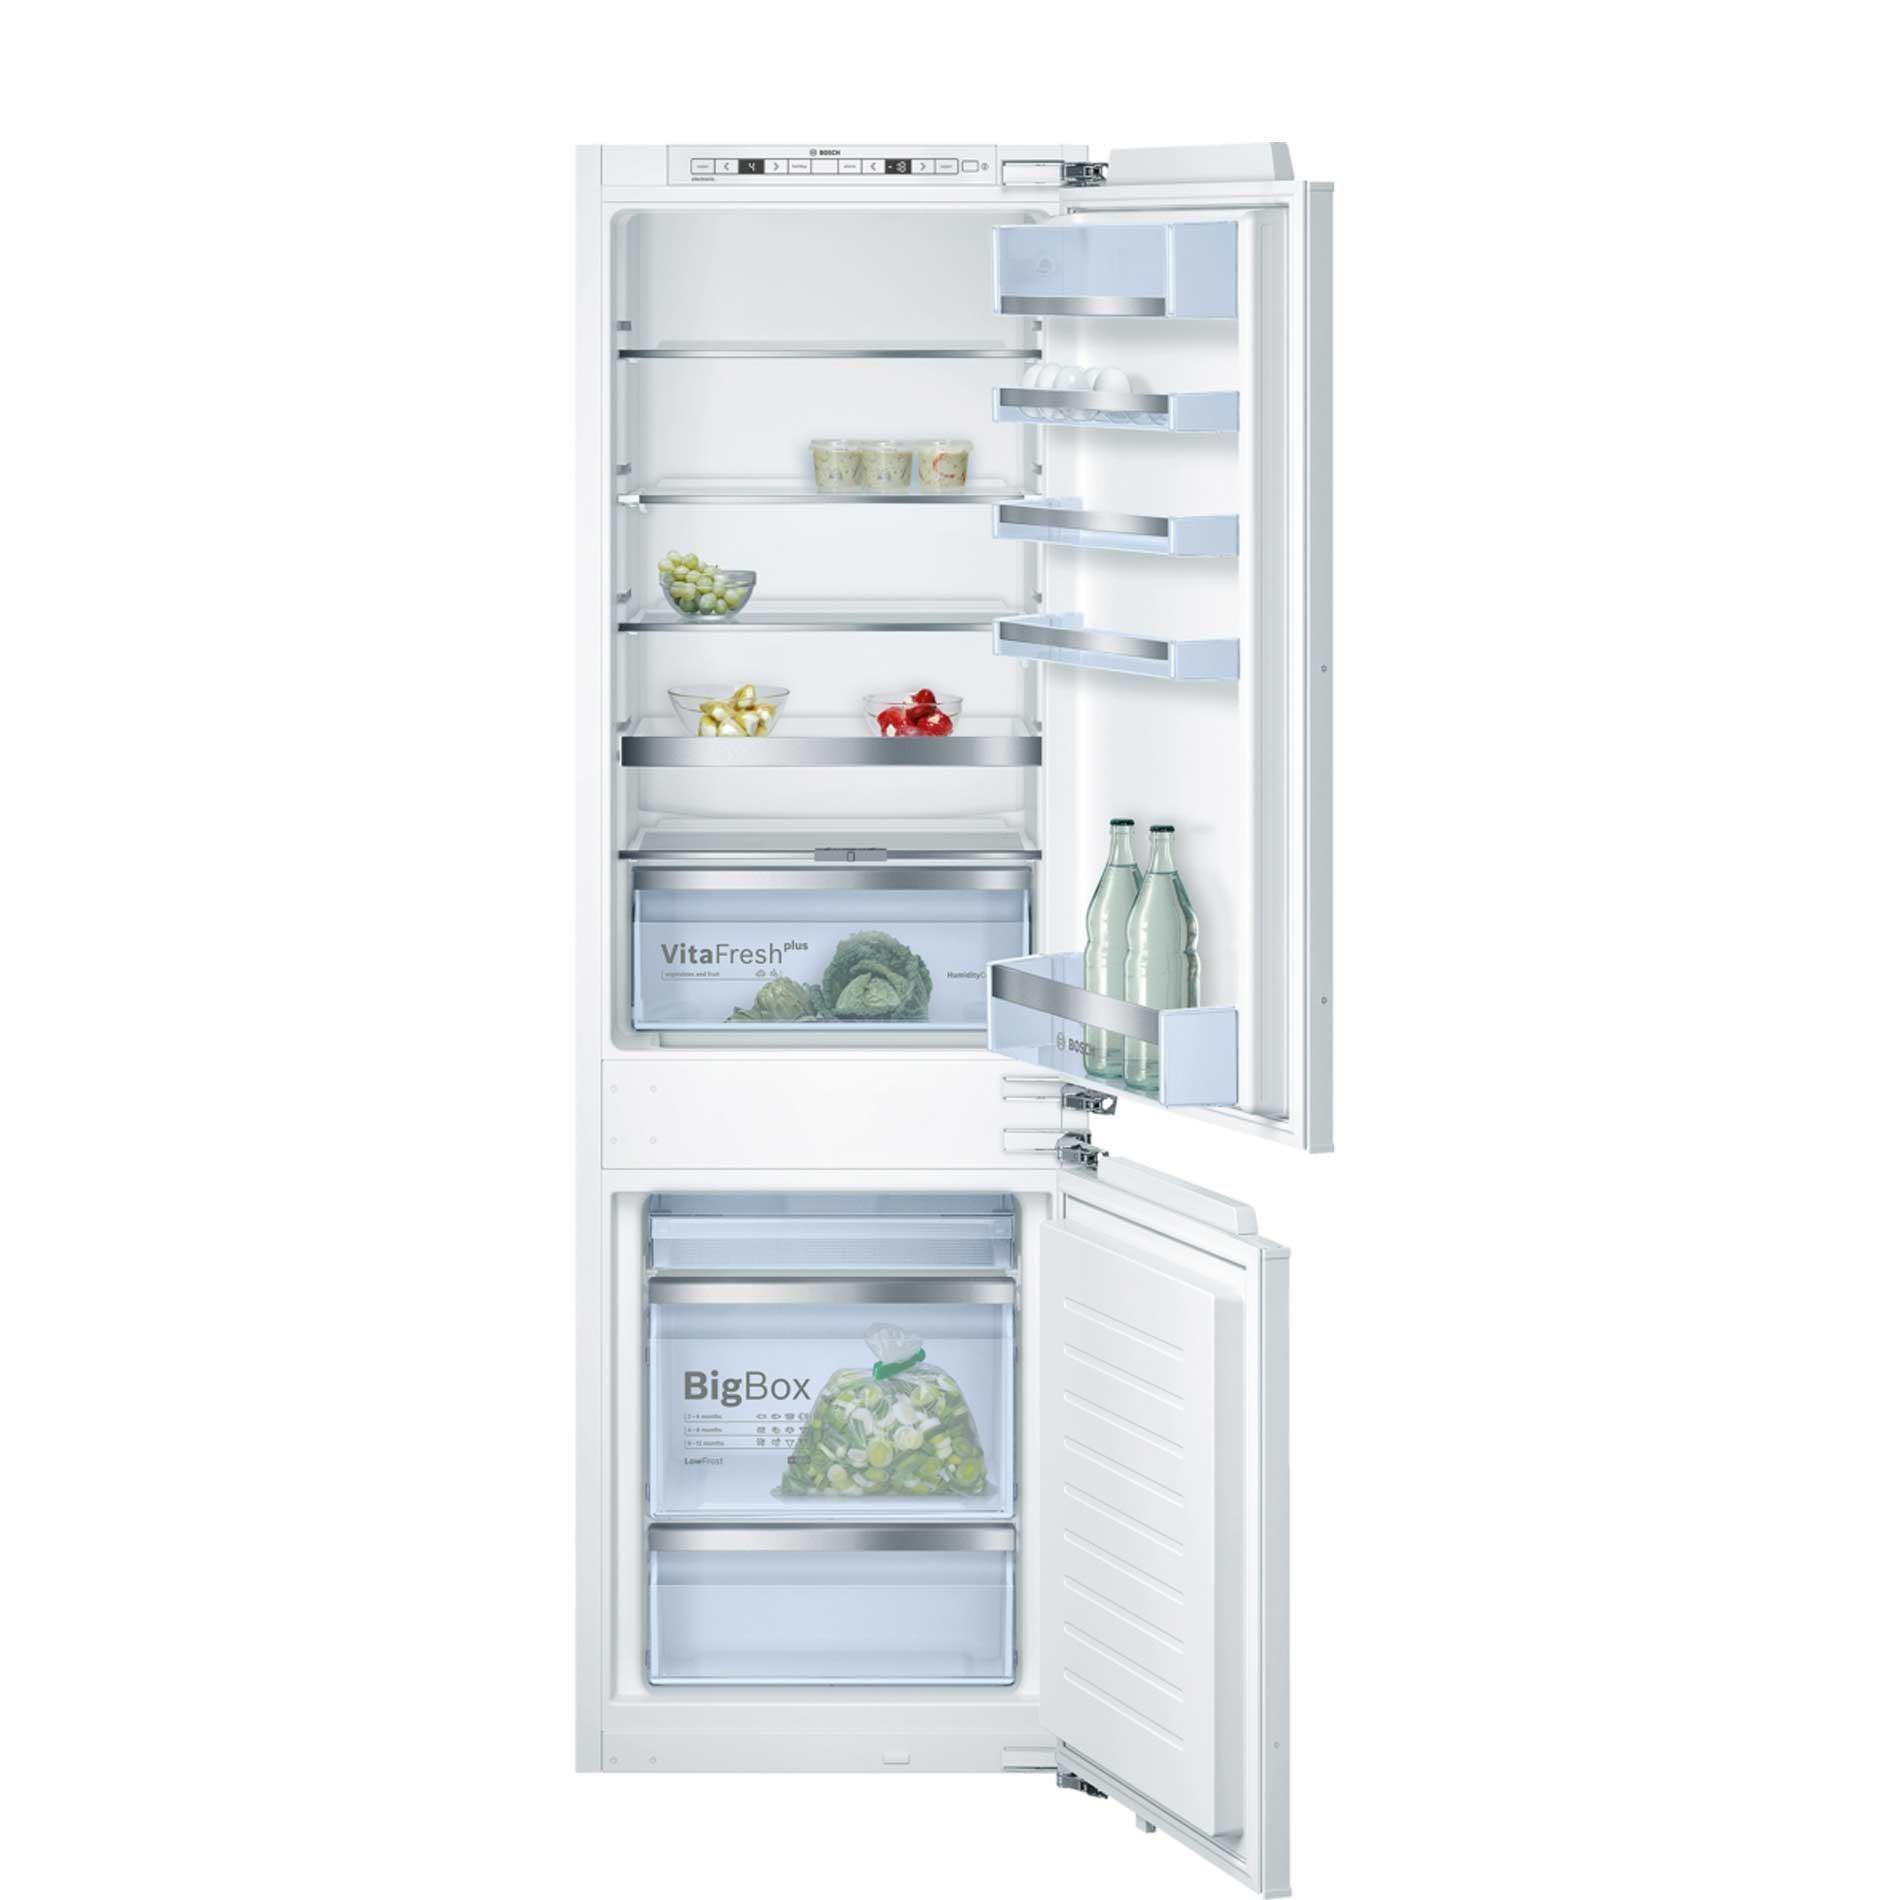 Bosch Kis86af30g Built In Fridge Freezer Appliance Source